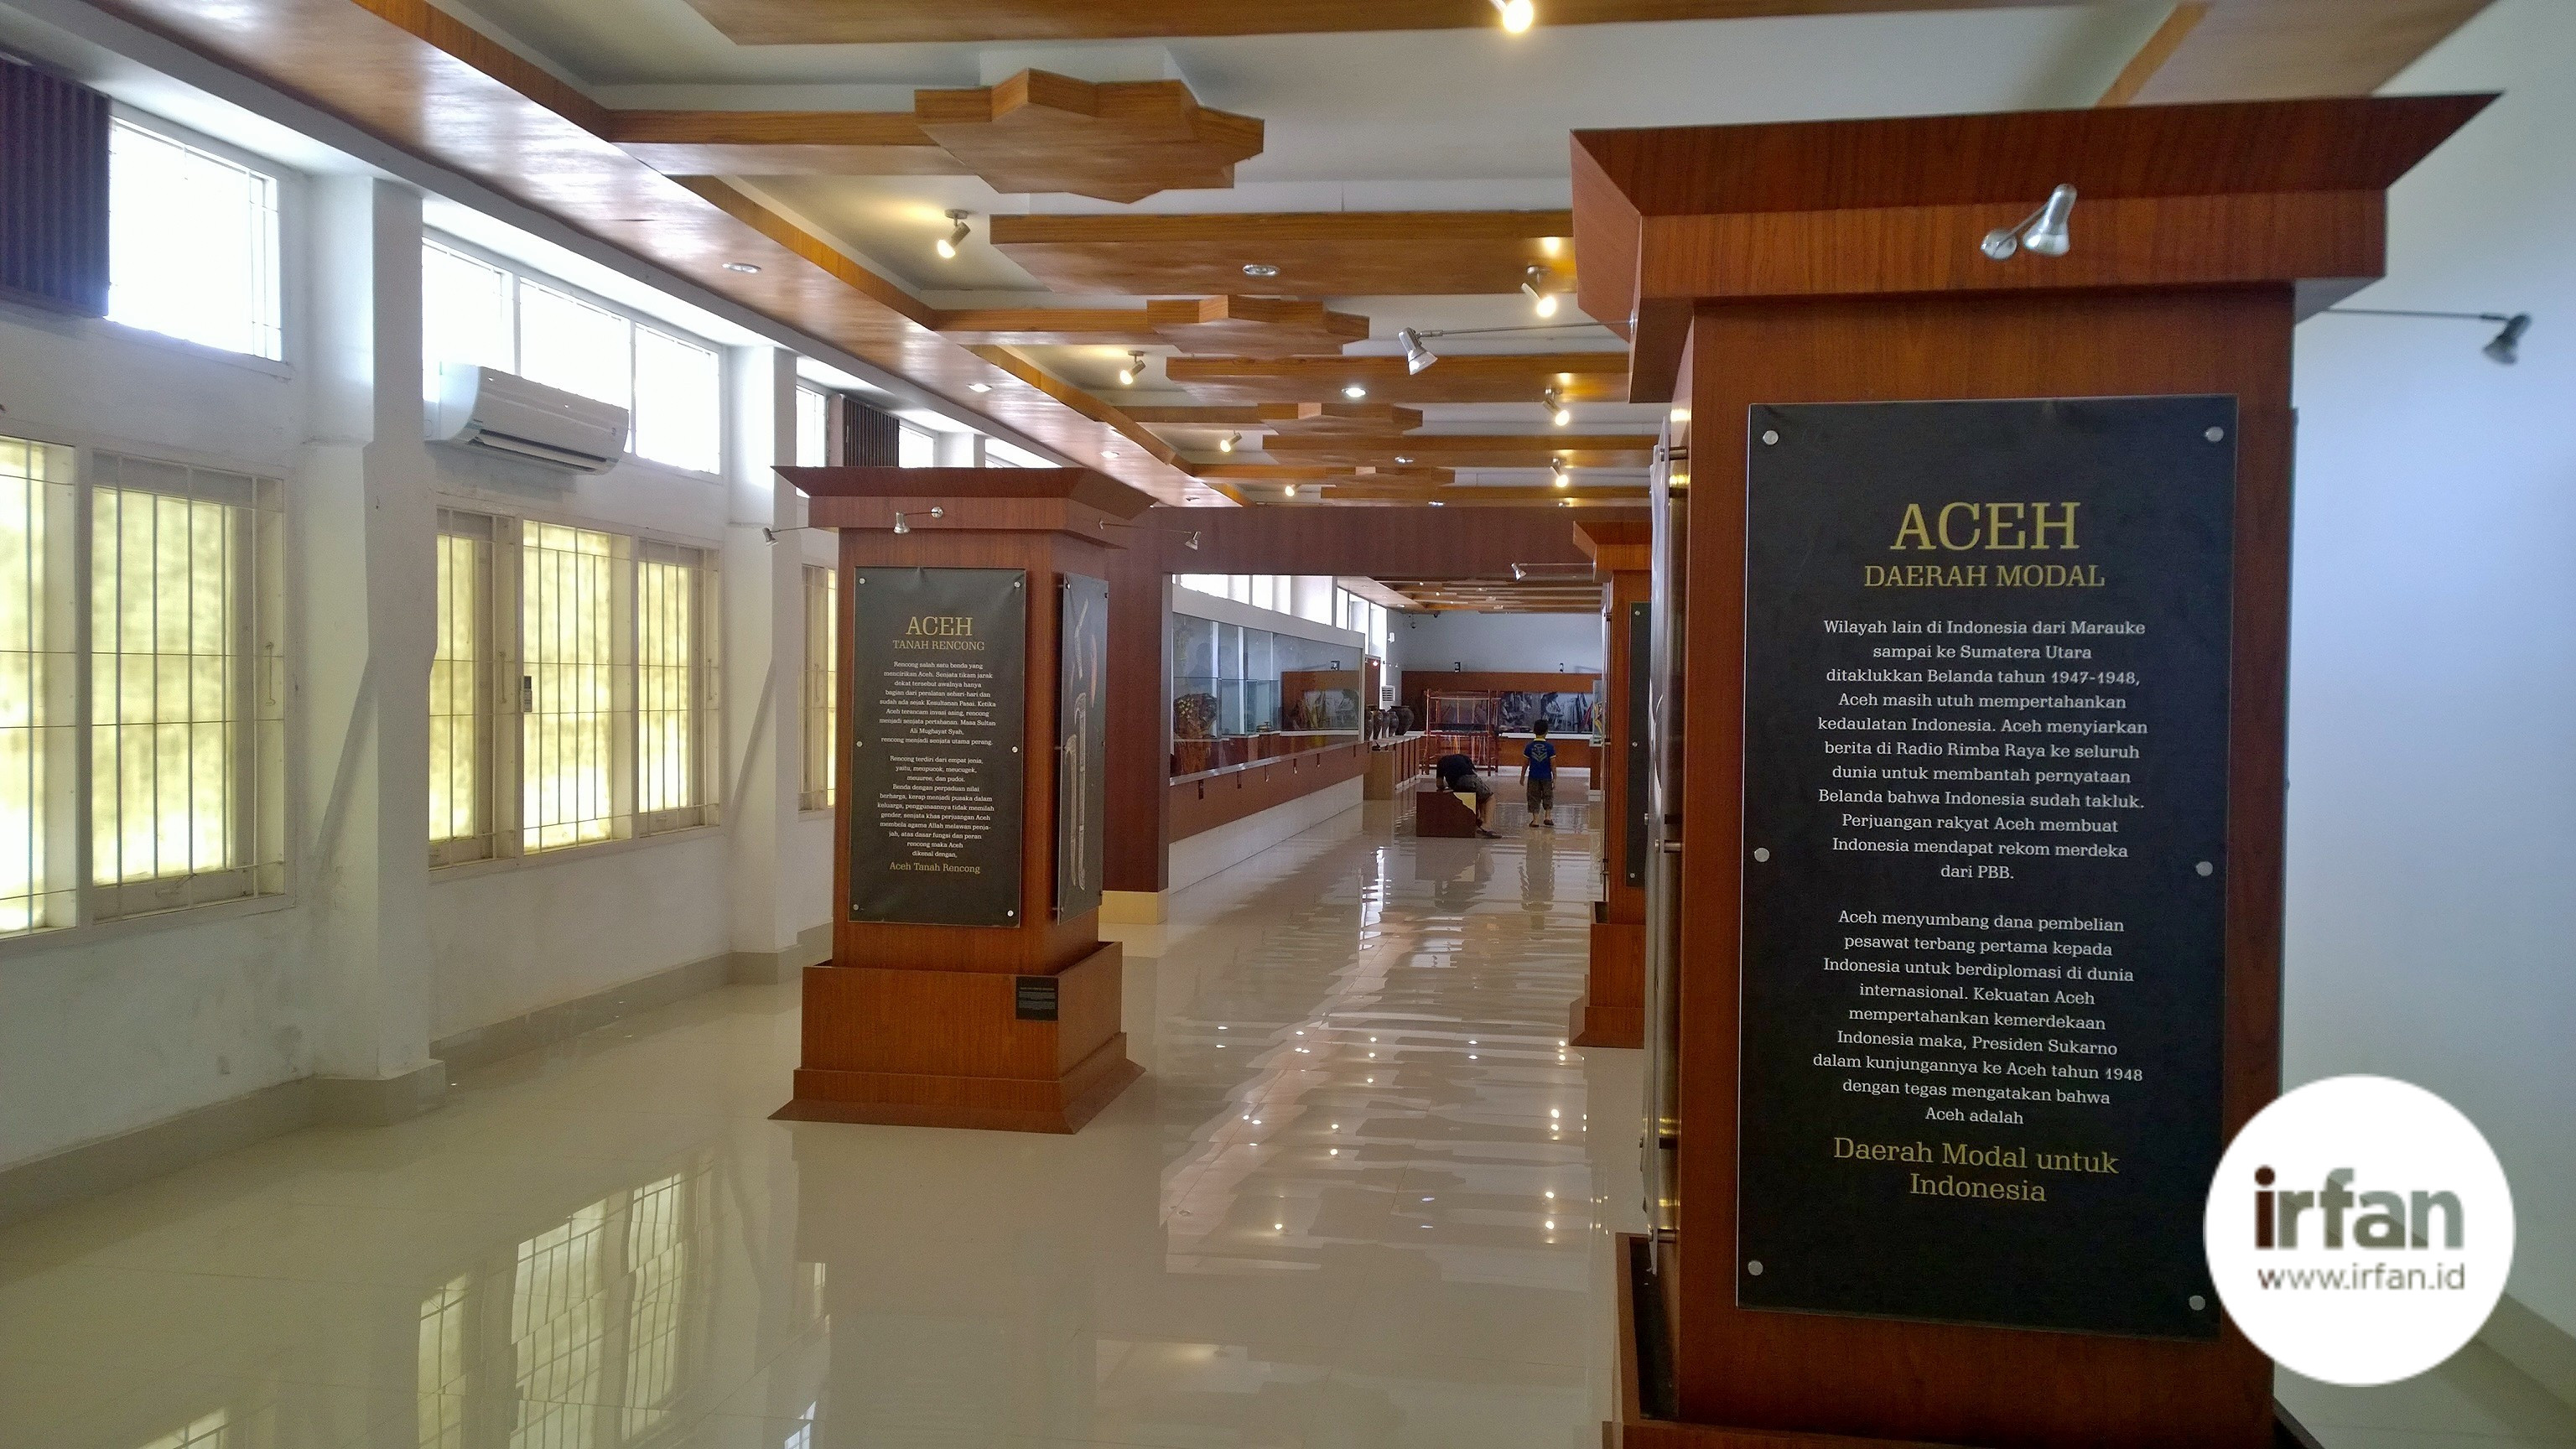 FOTO: Museum Negeri Aceh, Wisata Sejarah Yang Wajib Dikunjungi 19